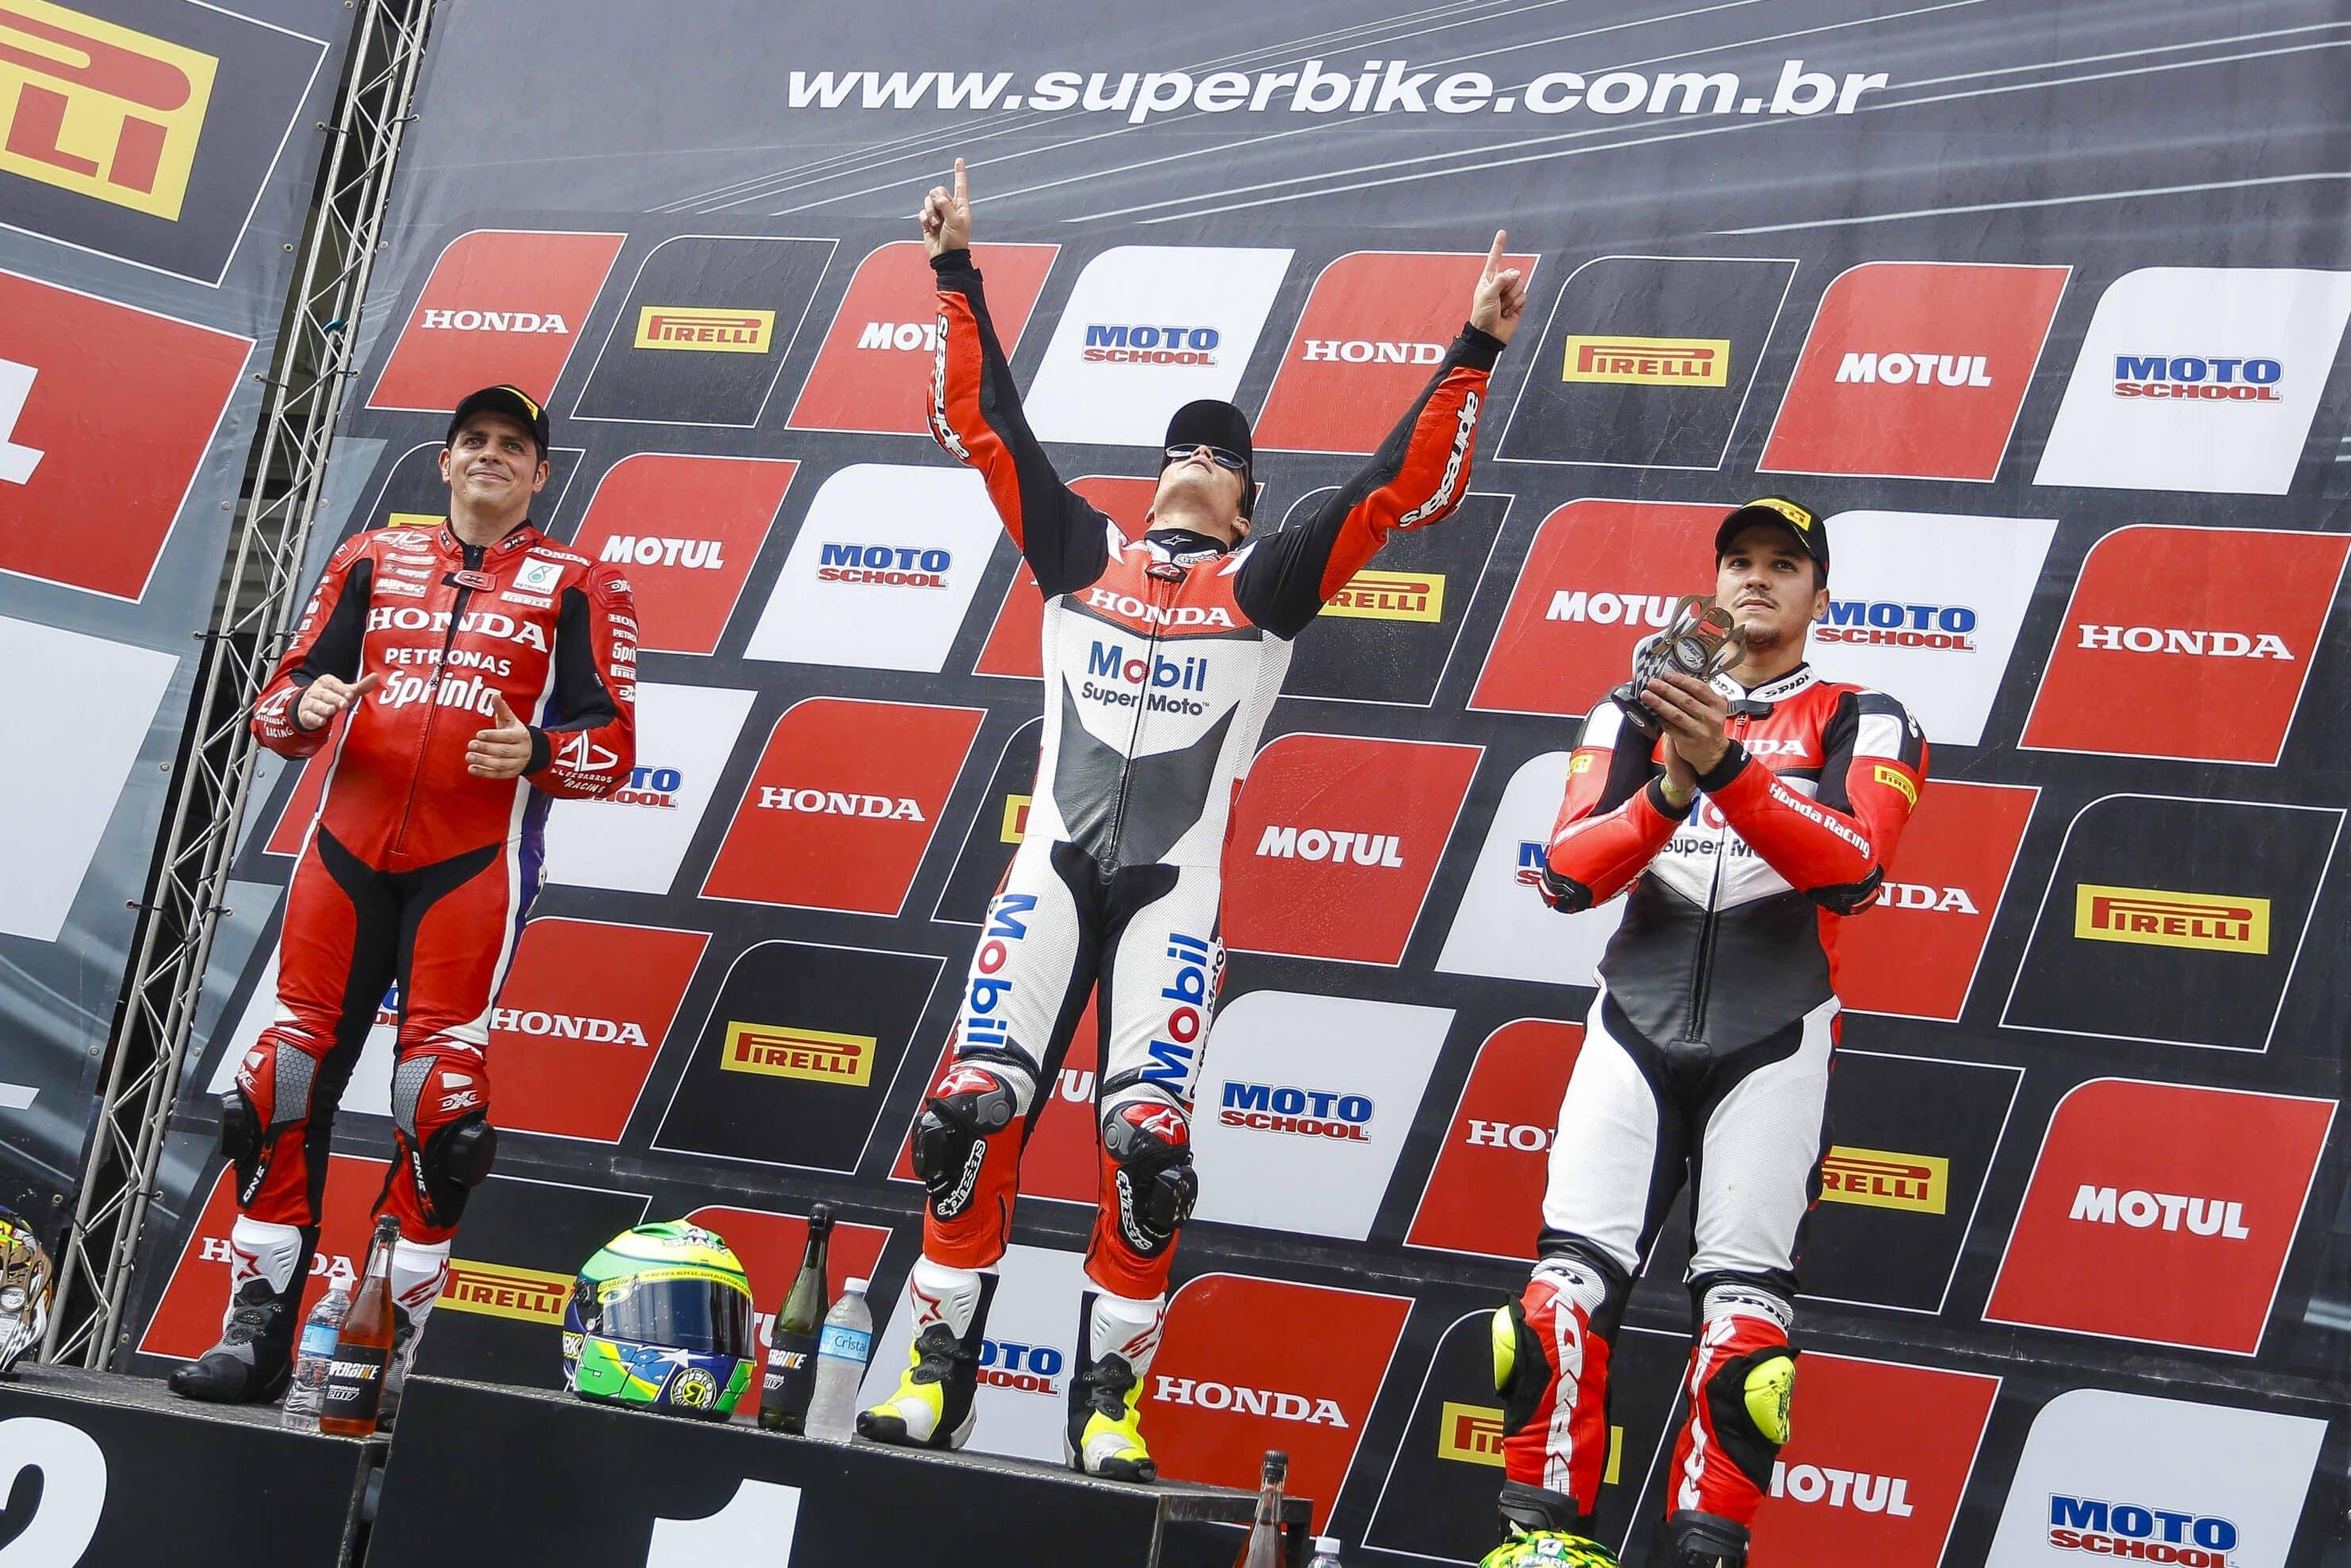 Passeio de Eric Granado na abertura do Superbike Brasil com Alex Barros em segundo